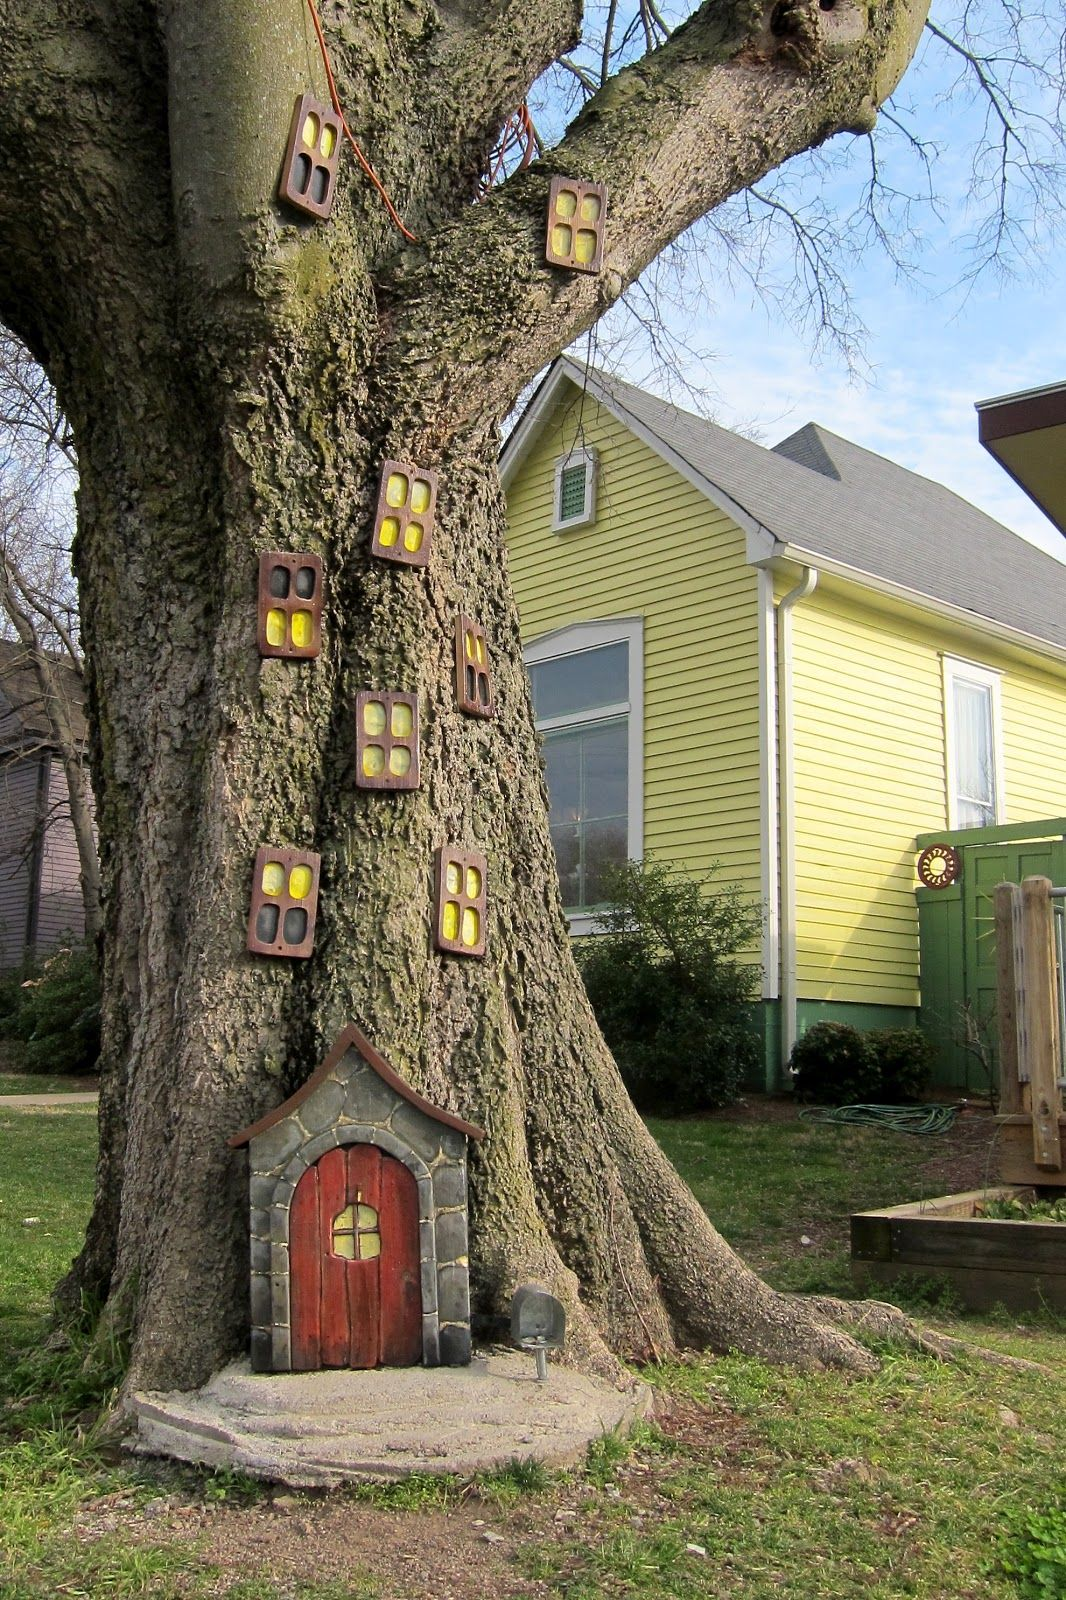 Elfenhaus im baum garten - Baum fur vorgarten ...